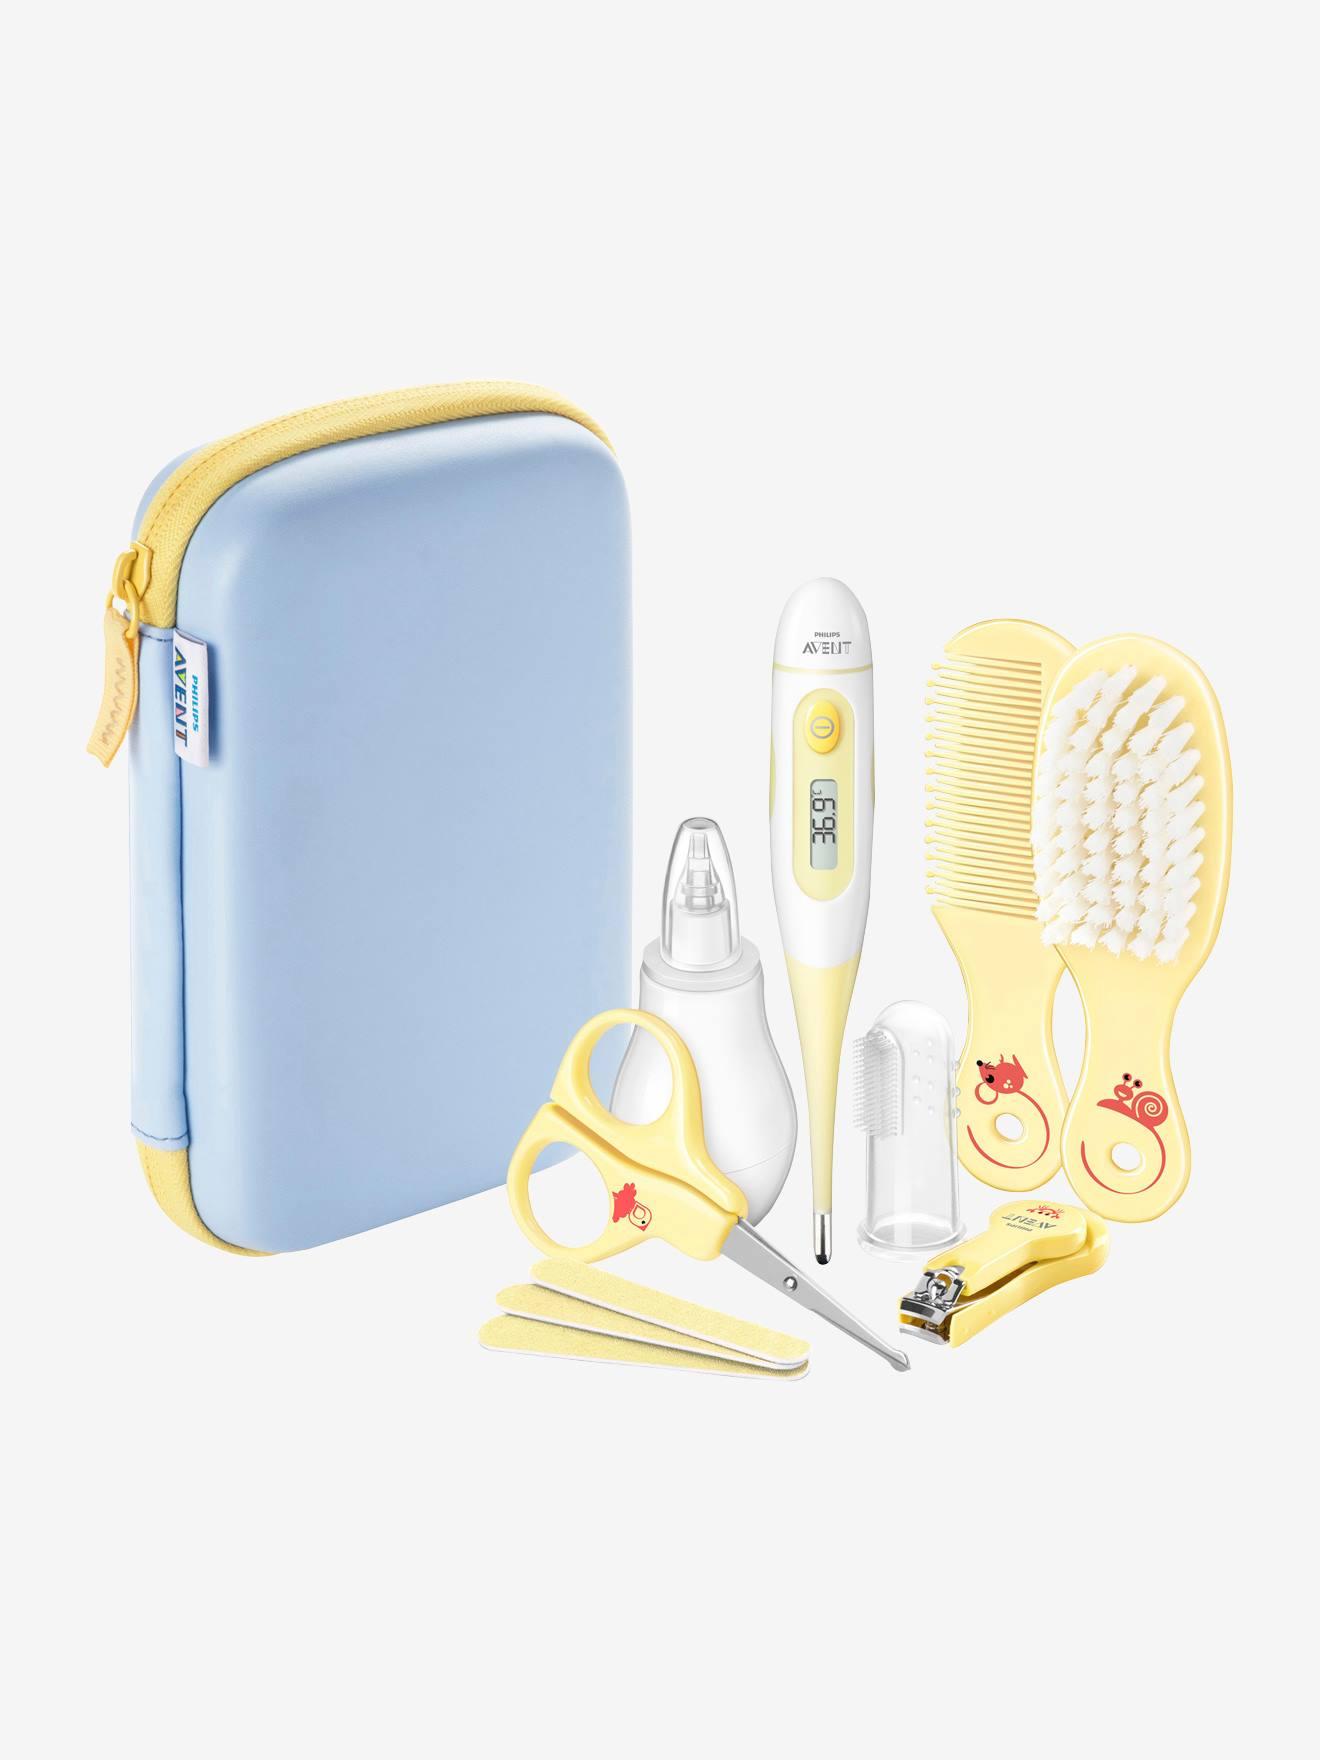 Trousse de soin pour bébé Philips AVENT bleu/jaune